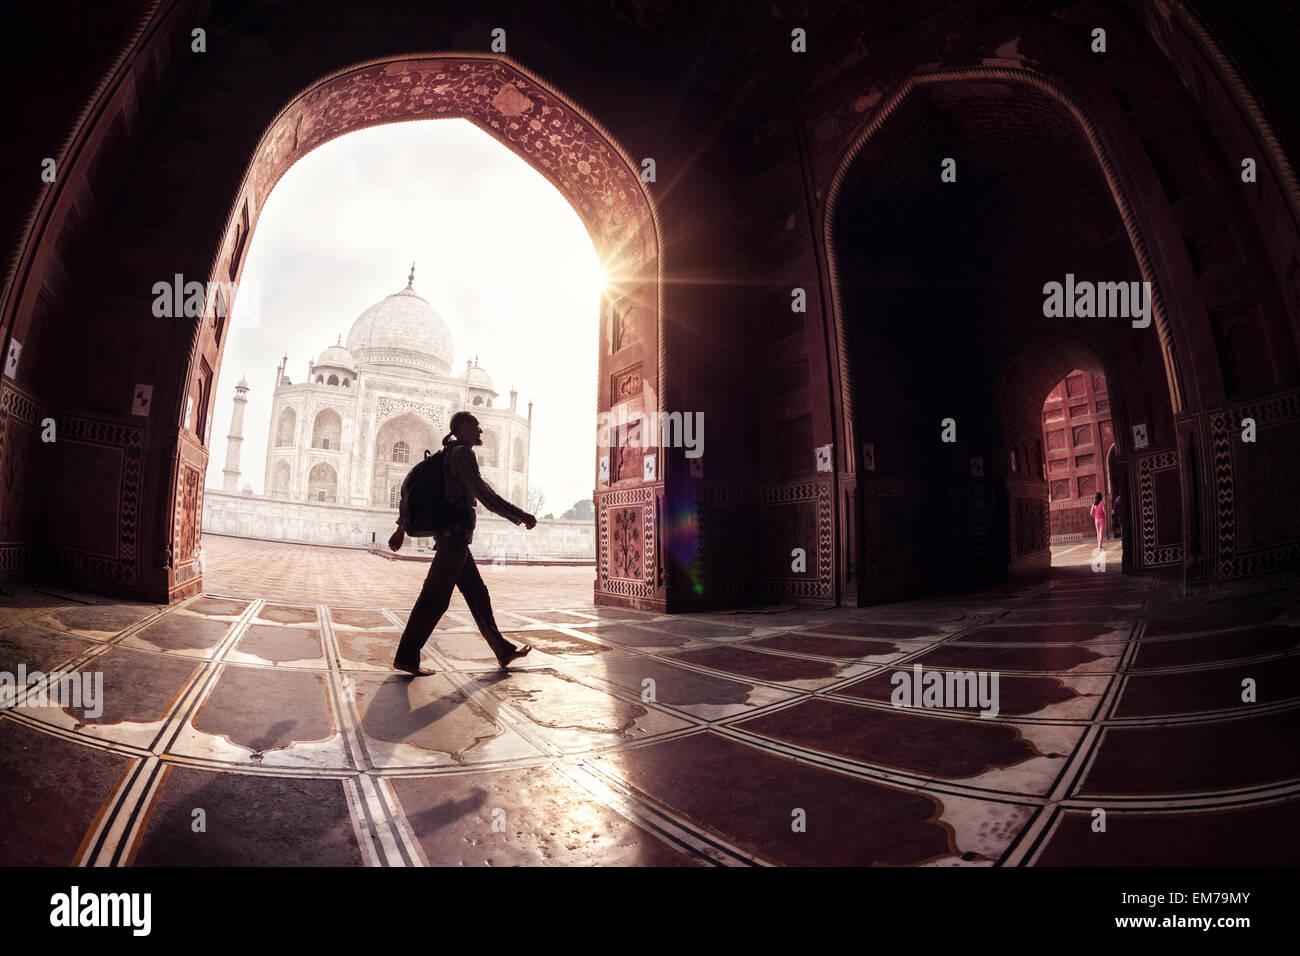 Turistico con zaino camminando nella moschea arch vicino al Taj Mahal di Agra, Uttar Pradesh, India Immagini Stock